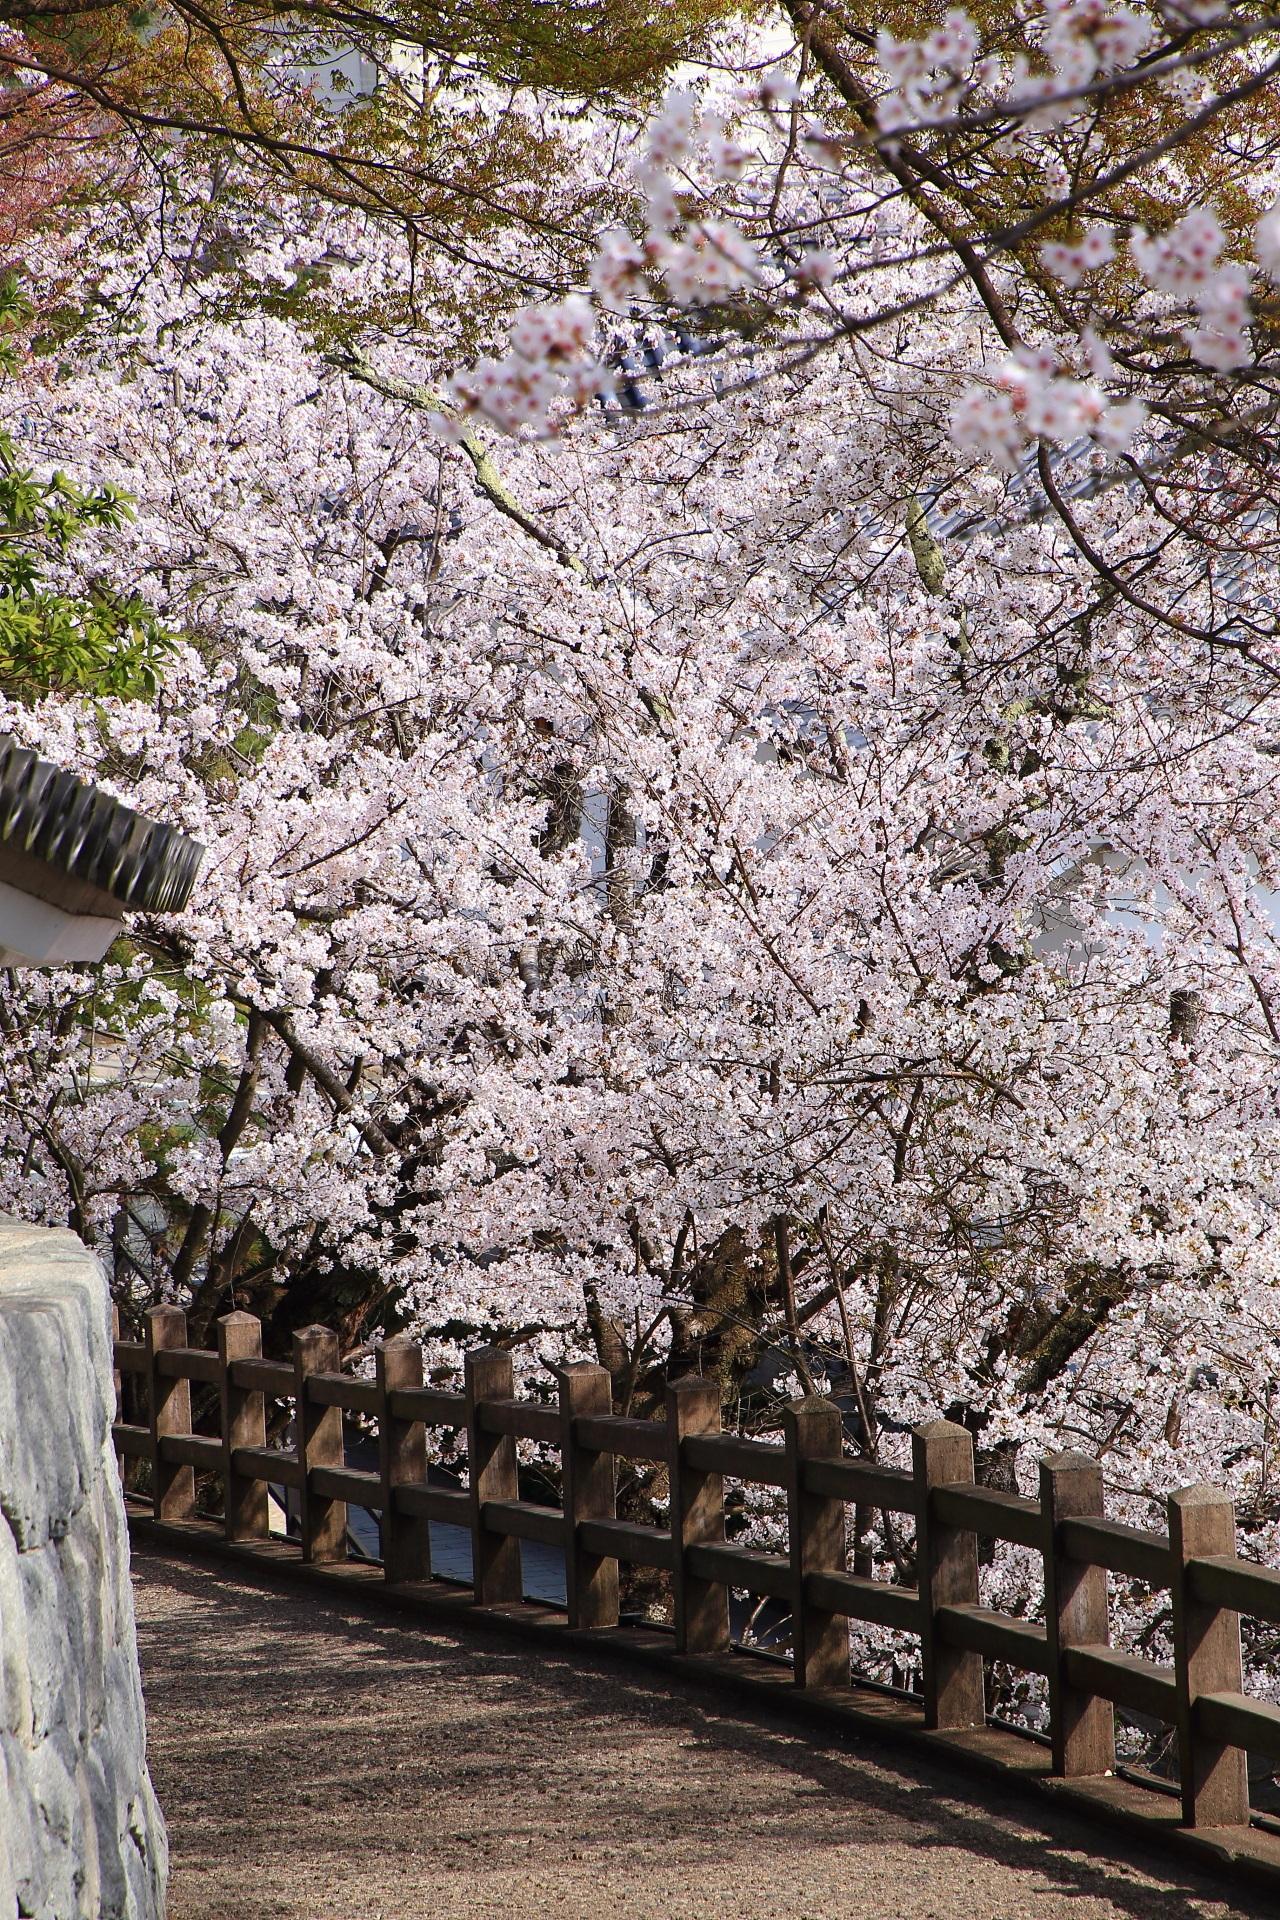 煌びやかな桜に染まる福知山城の緩い坂道の登城道